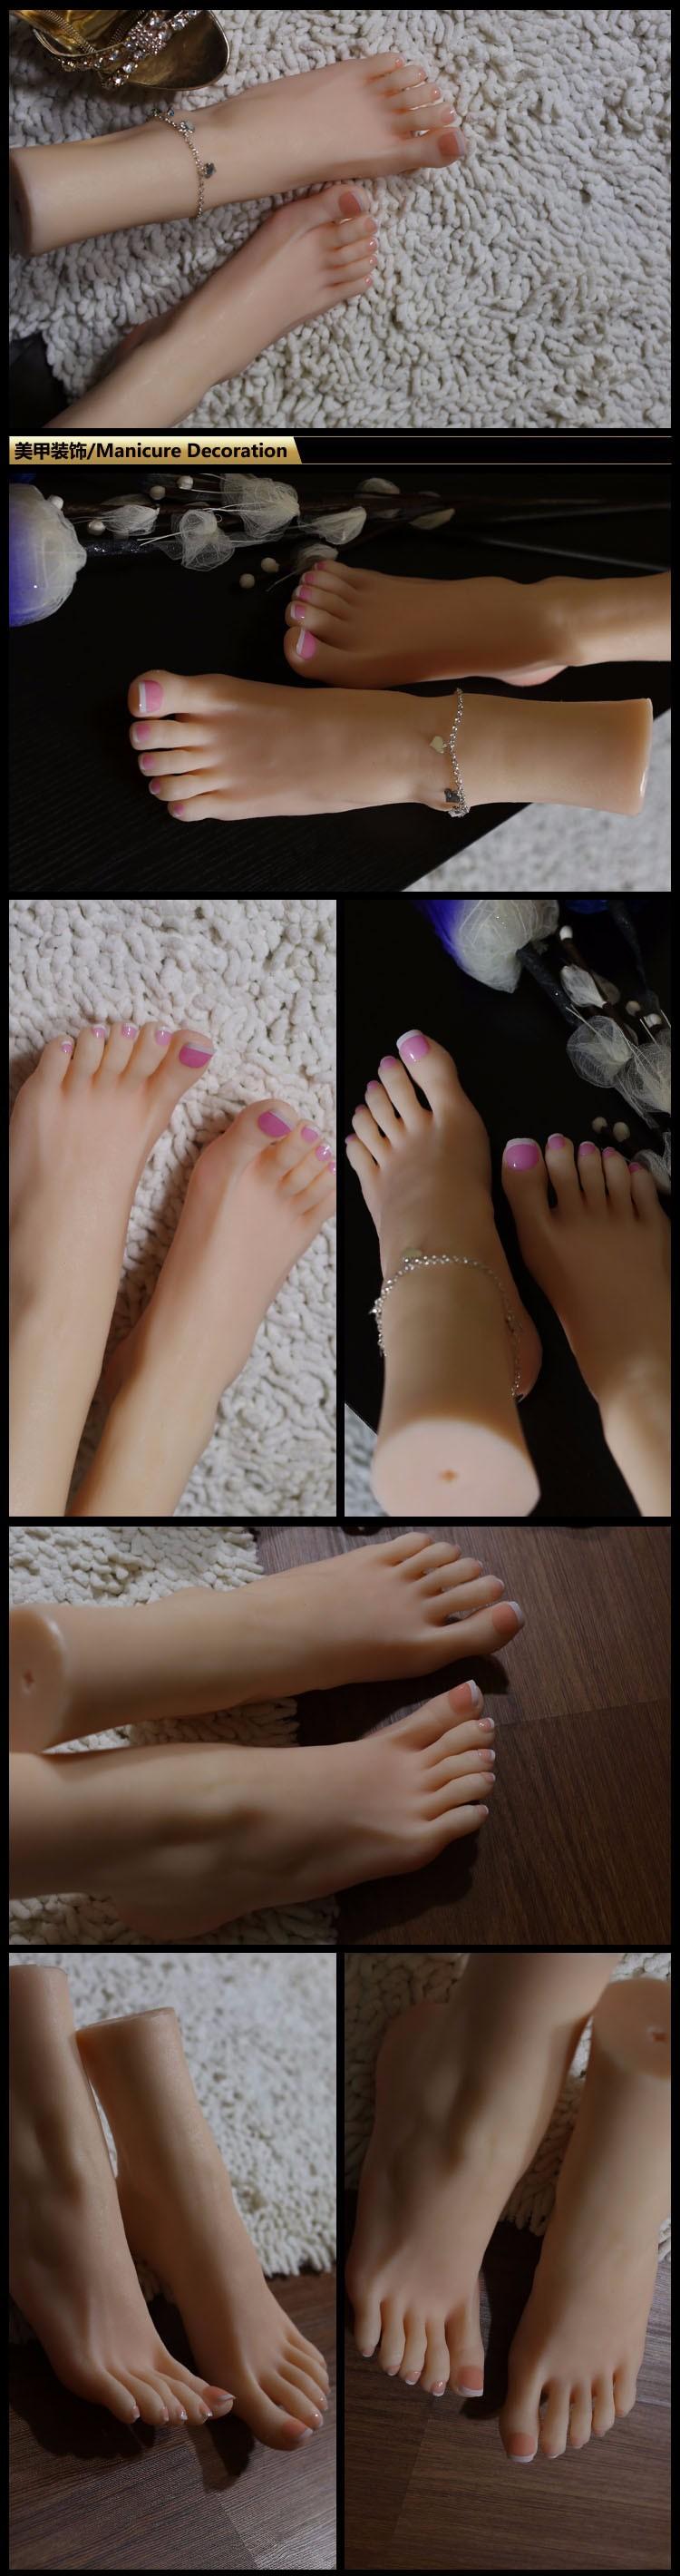 Abspritzdusche für schöne Füße von erstklassigen europäischen Babes